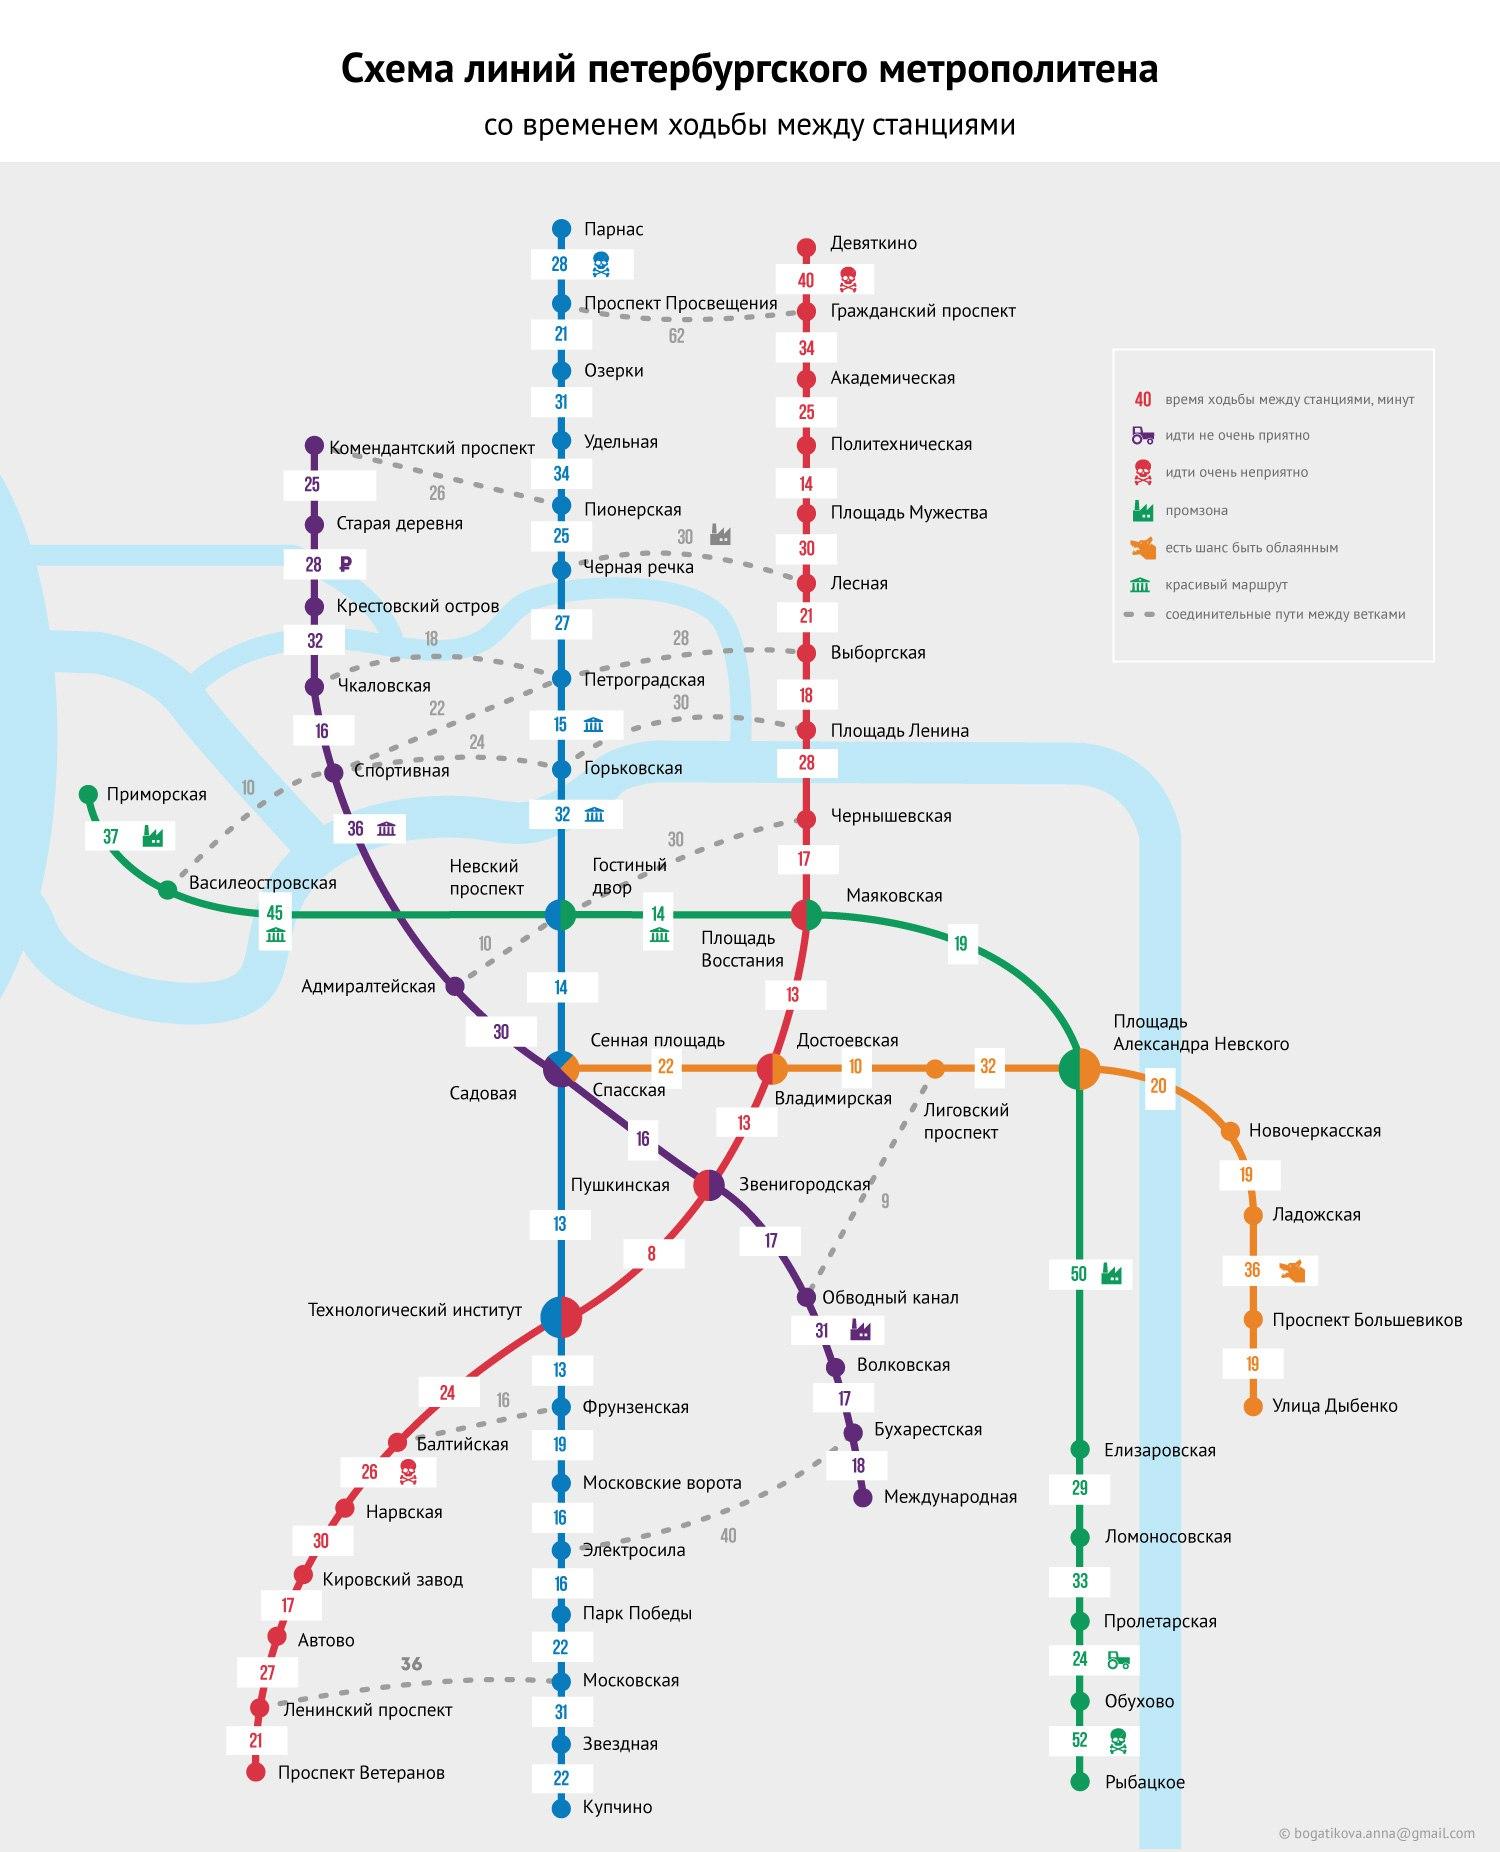 знакомства по названию метро